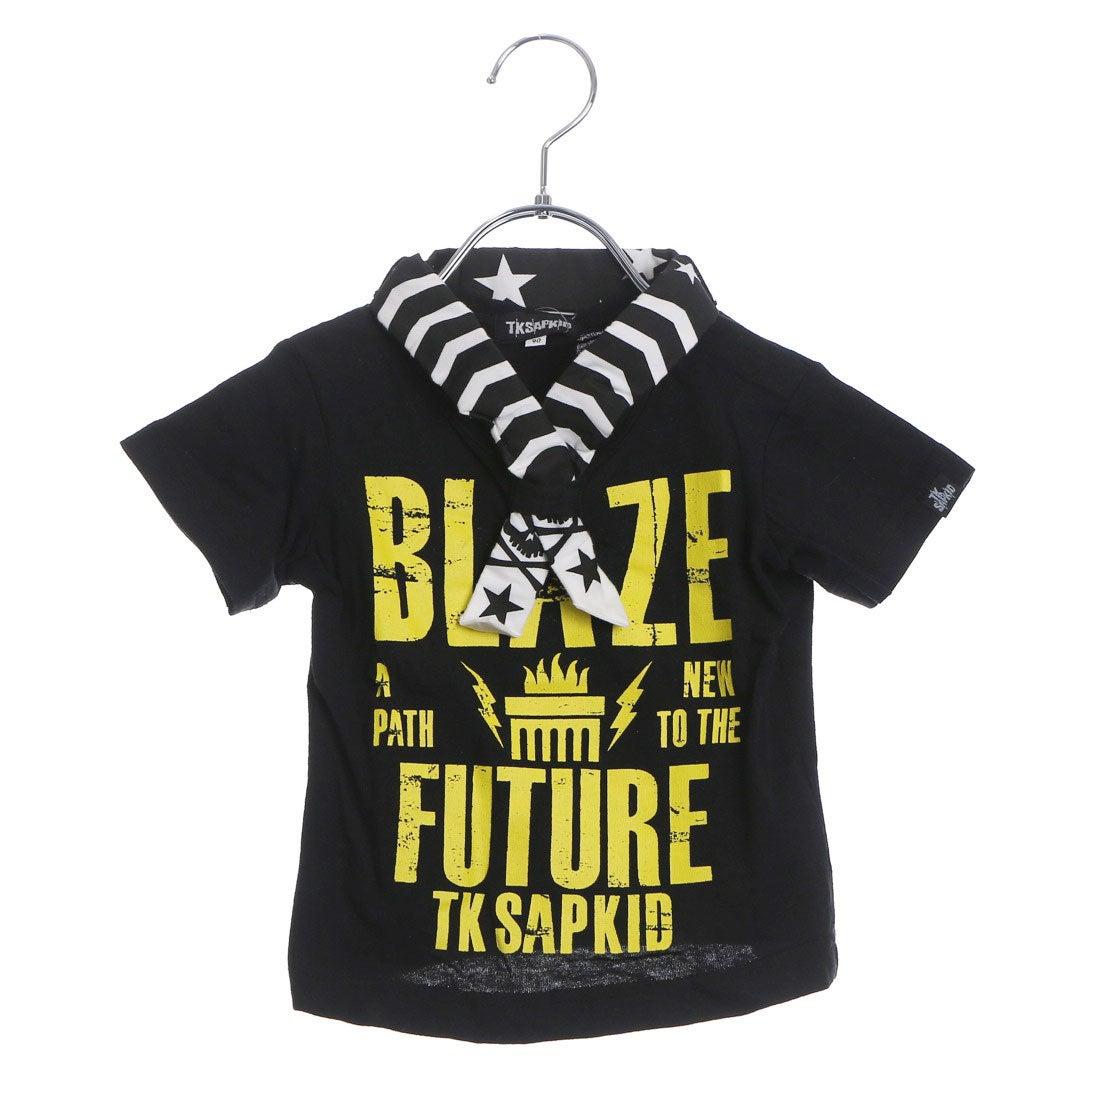 4e0e9418c5086 ザ ショップ ティーケー THE SHOP TK バンダナ付ロゴTシャツ (ブラック) -アウトレット通販 ロコレット (LOCOLET)